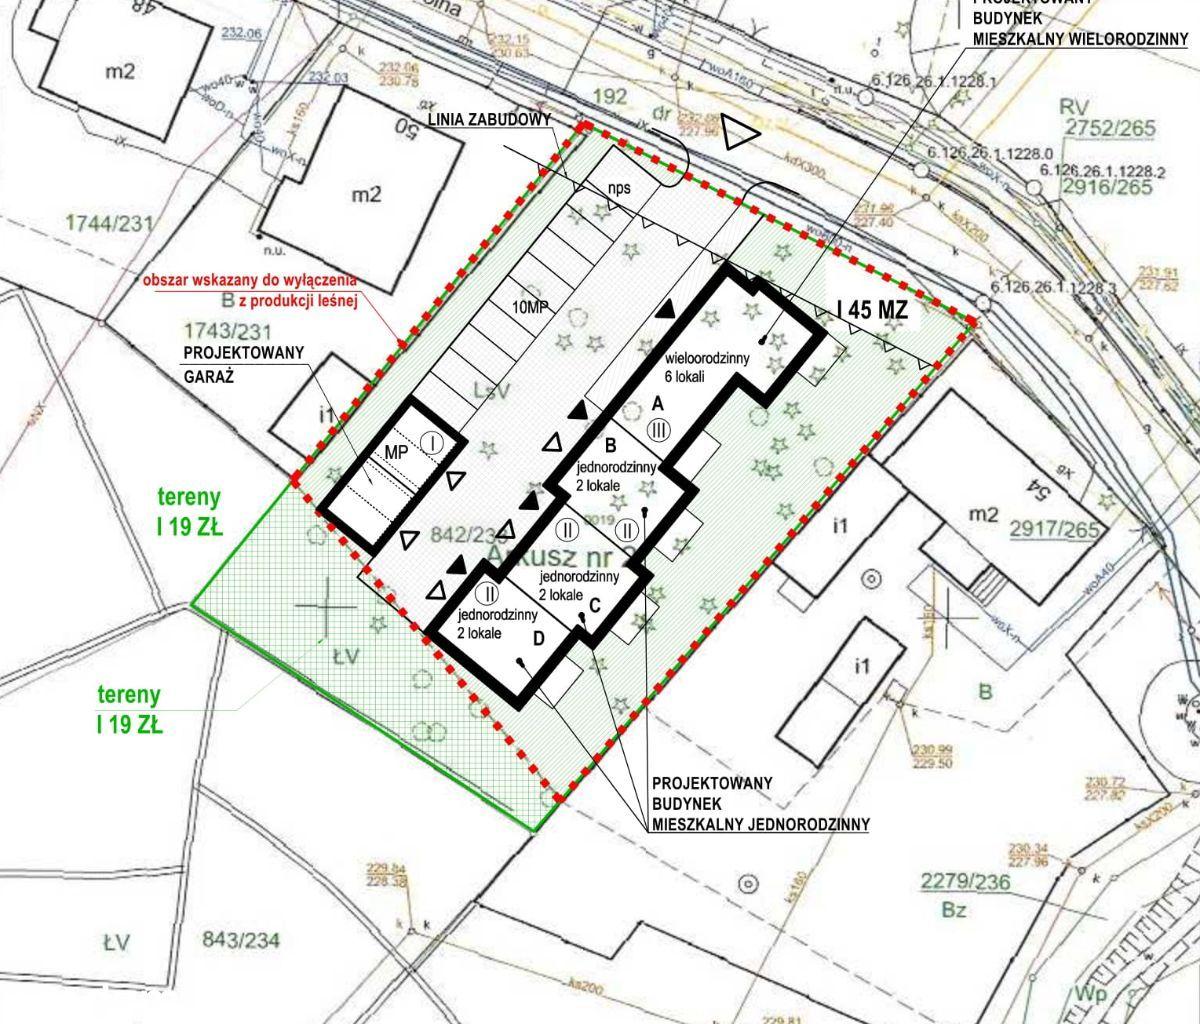 Działka pod budownictwo mieszkaniowe -12 mieszkań